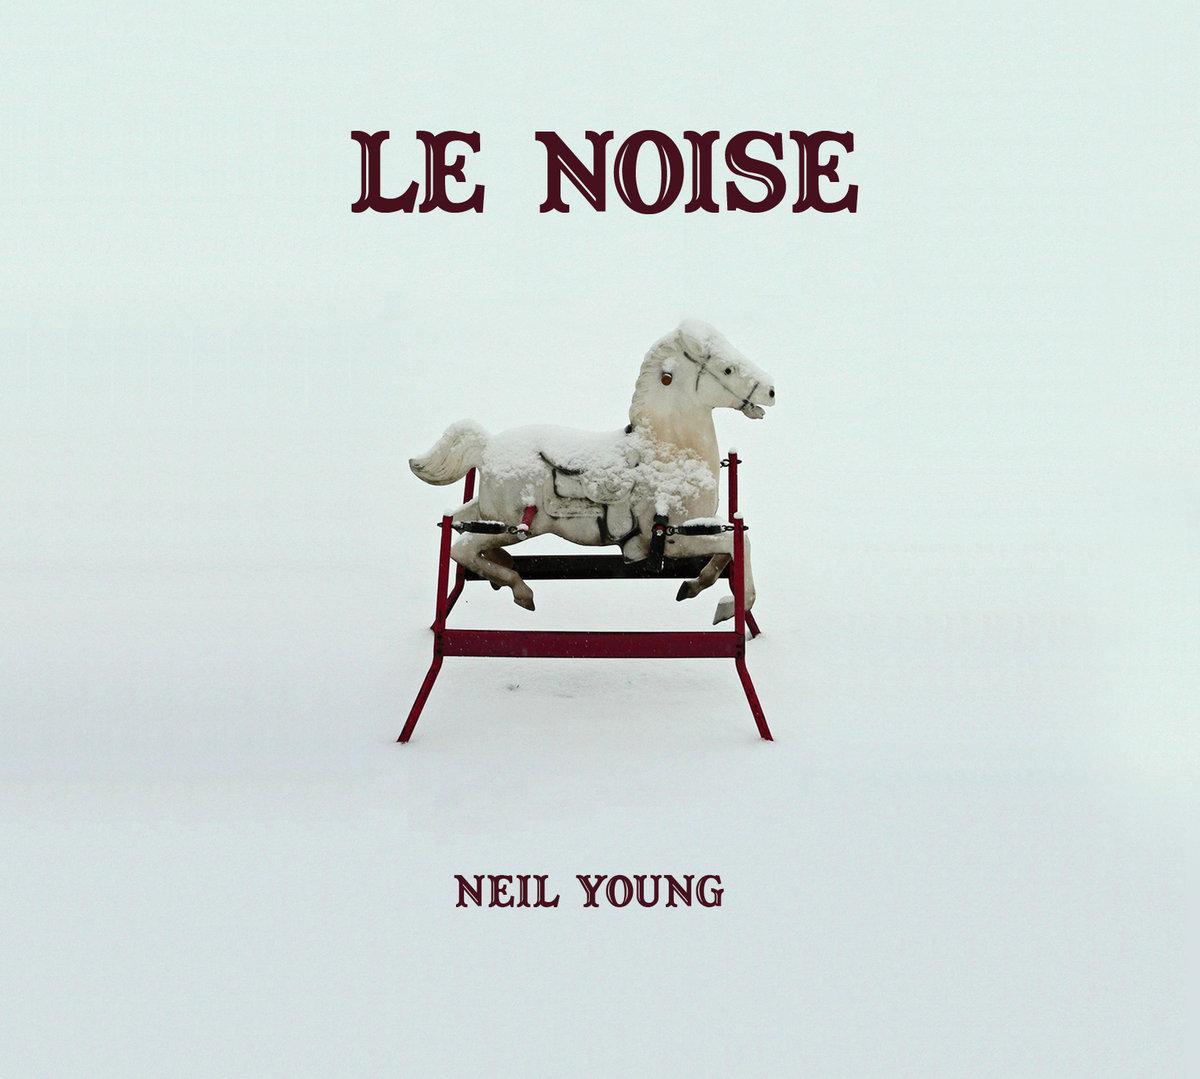 le noise - neil young